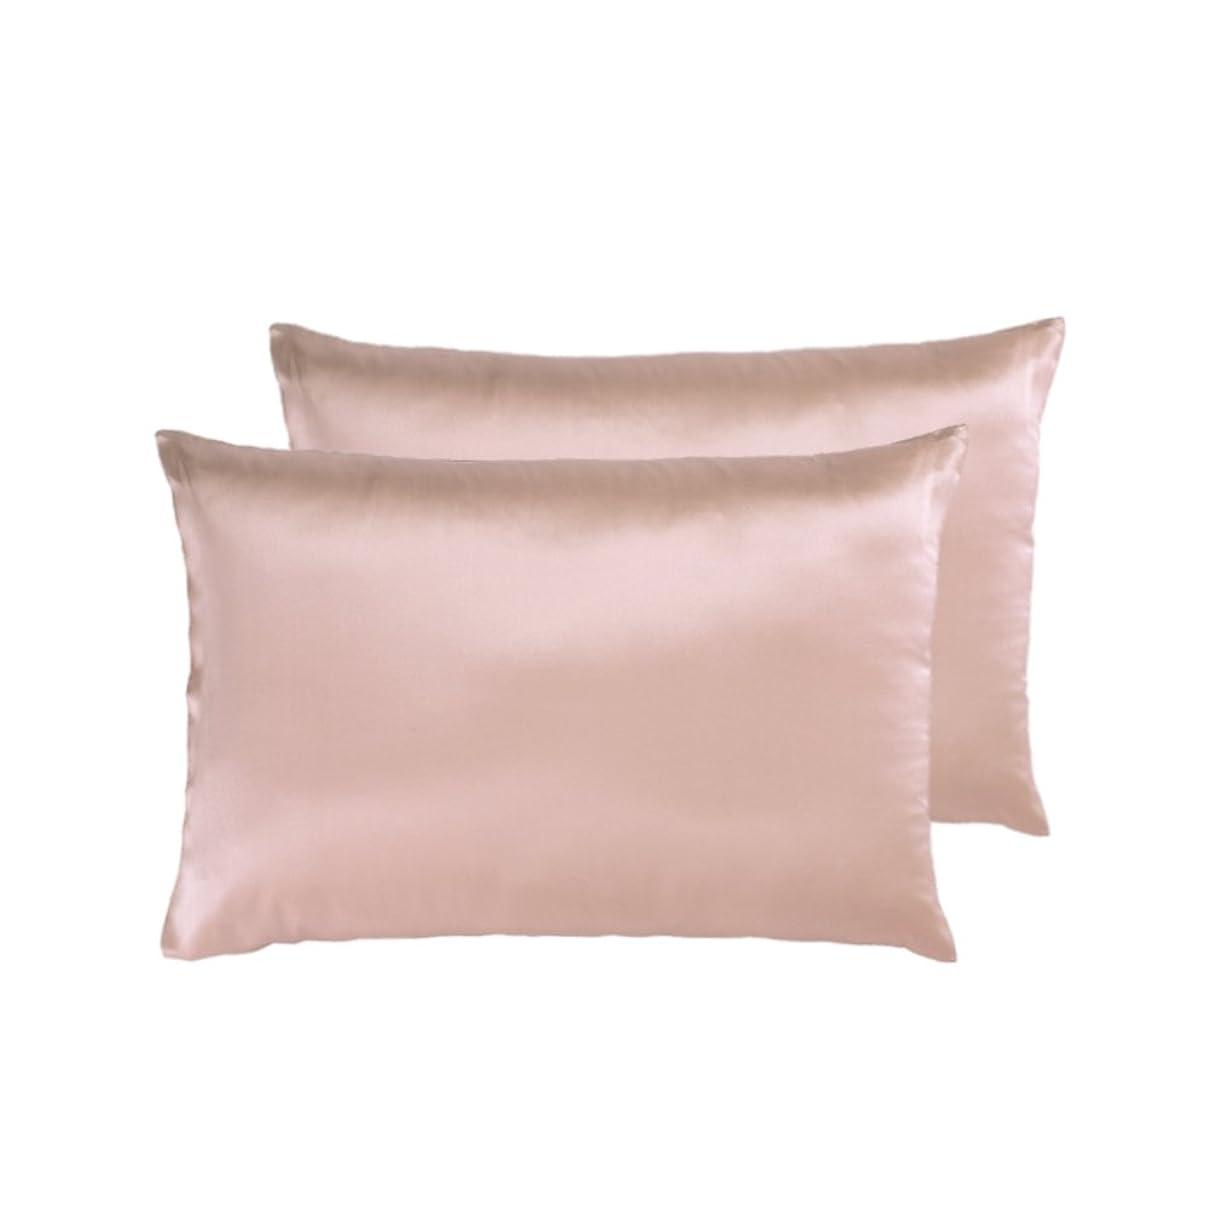 反逆まだ破滅的なシルクまくらカバー 両面絹 枕カバー 43 63 枕头套 | 22匁 封筒式 ピローケース | ピンク 2枚